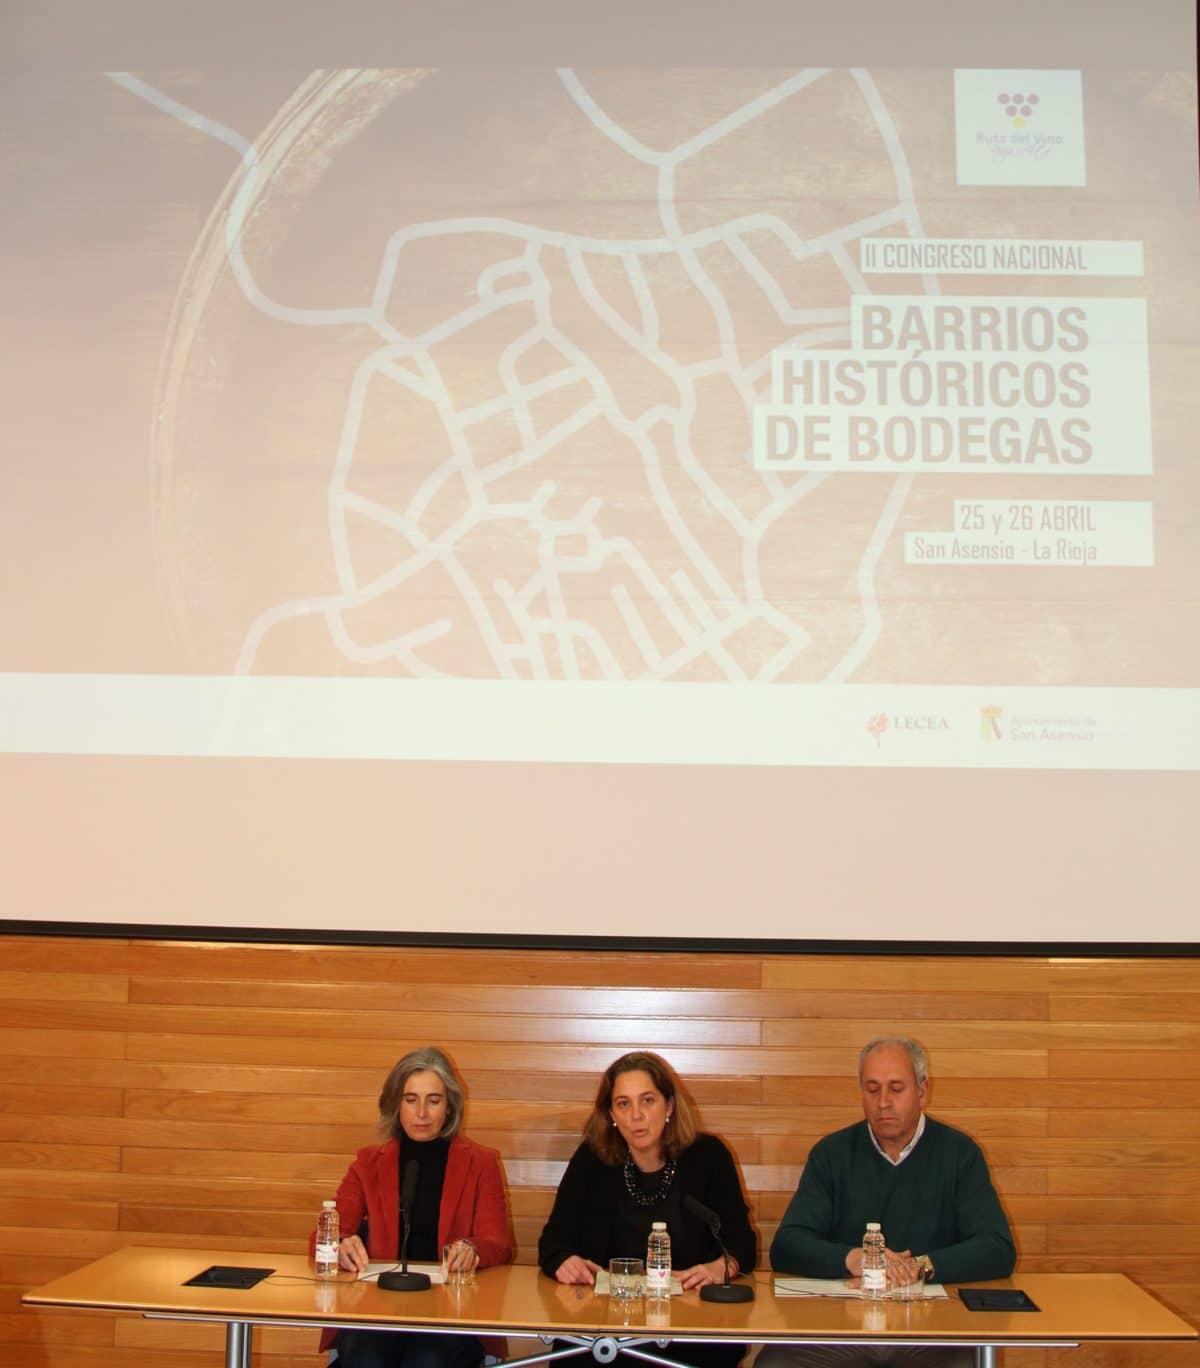 El II Congreso de Barrios Históricos de Bodegas busca consolidarse a nivel nacional 1